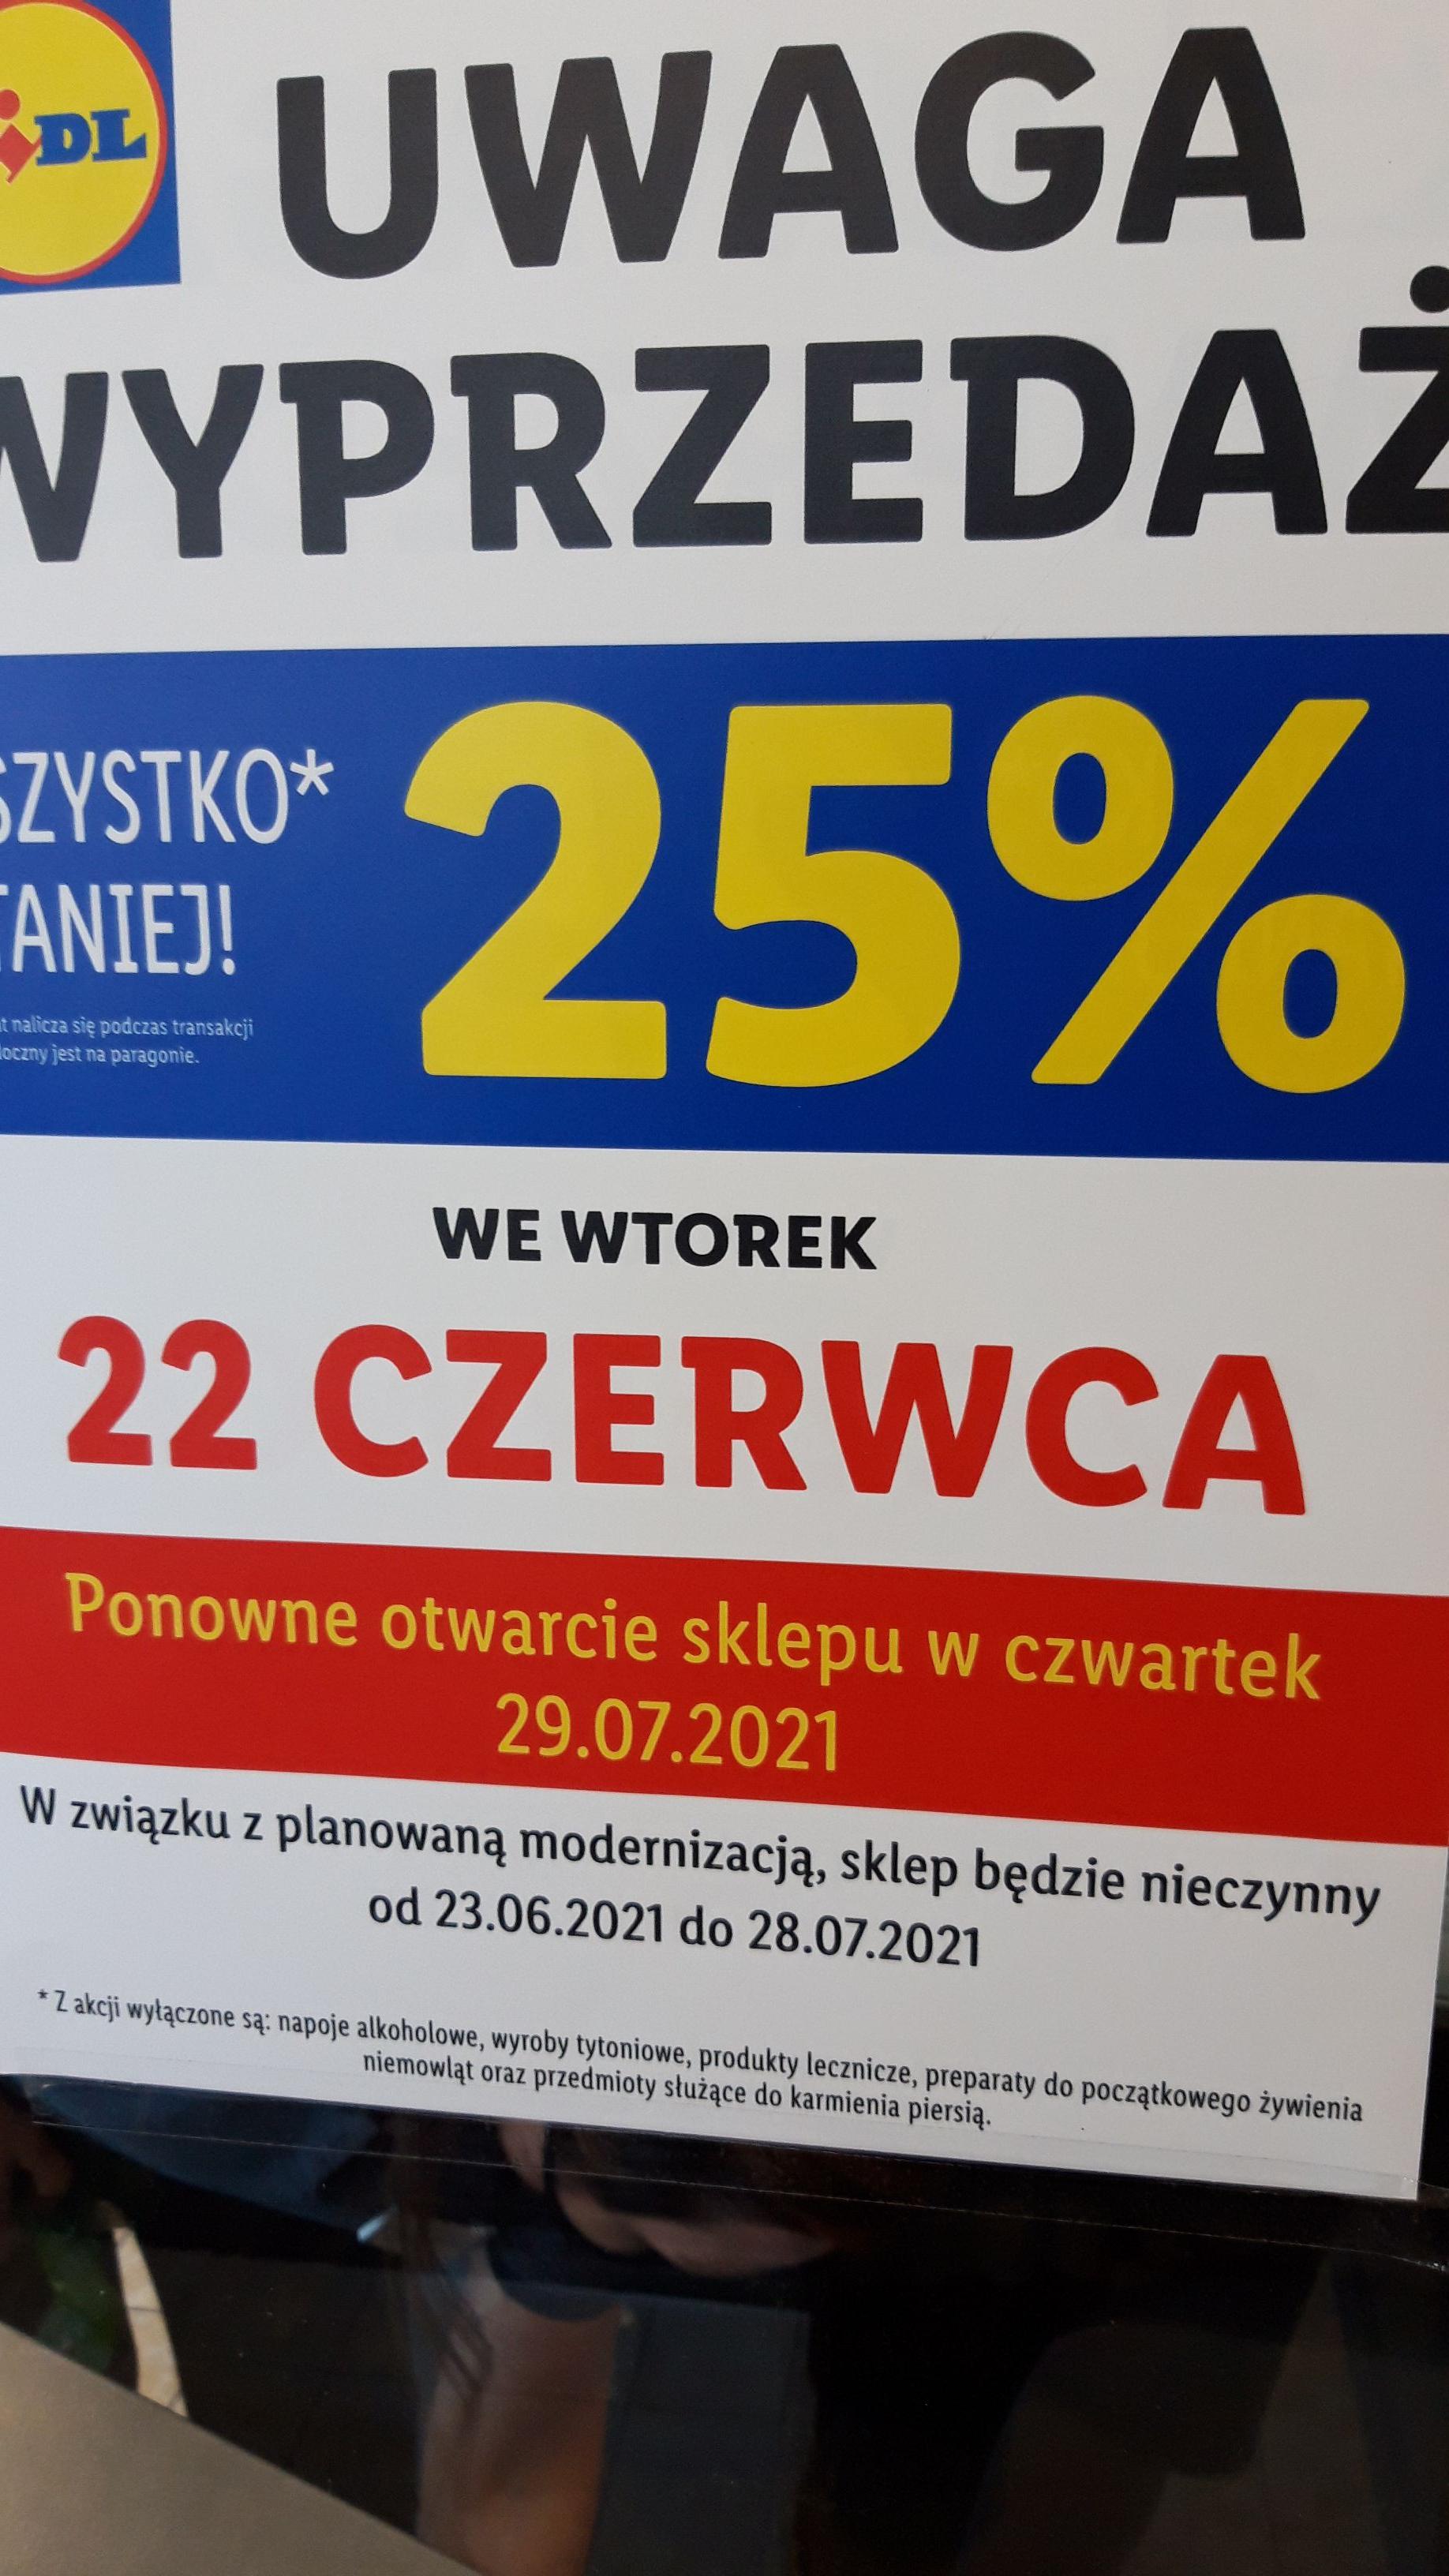 Wielka wyprzedaż -25% w Lidl Płock Armii Krajowej